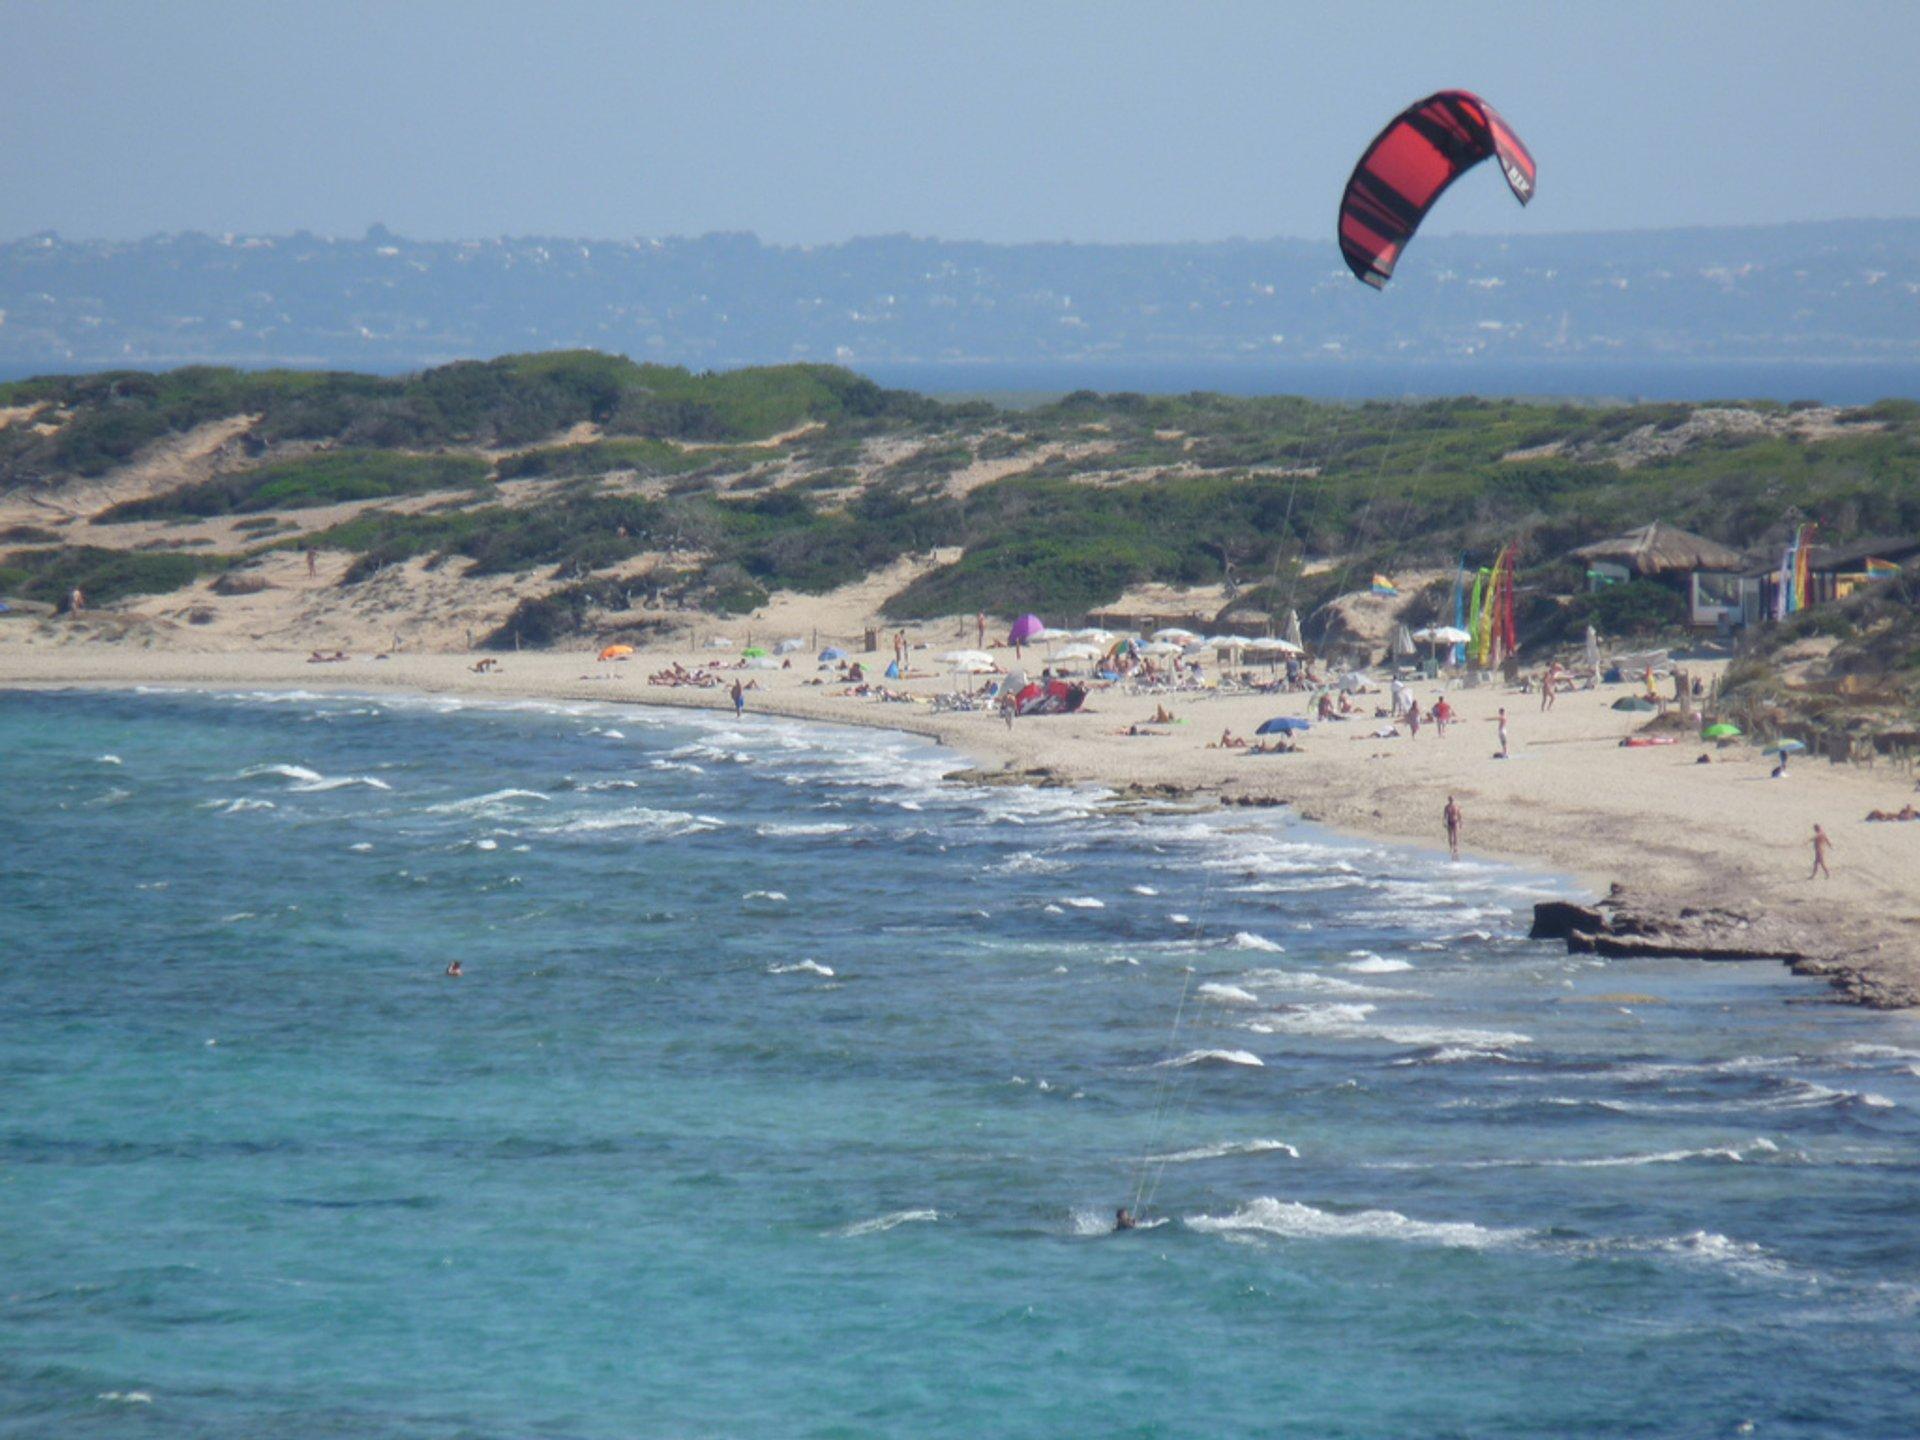 Windsurfing and Kitesurfing in Ibiza - Best Season 2020